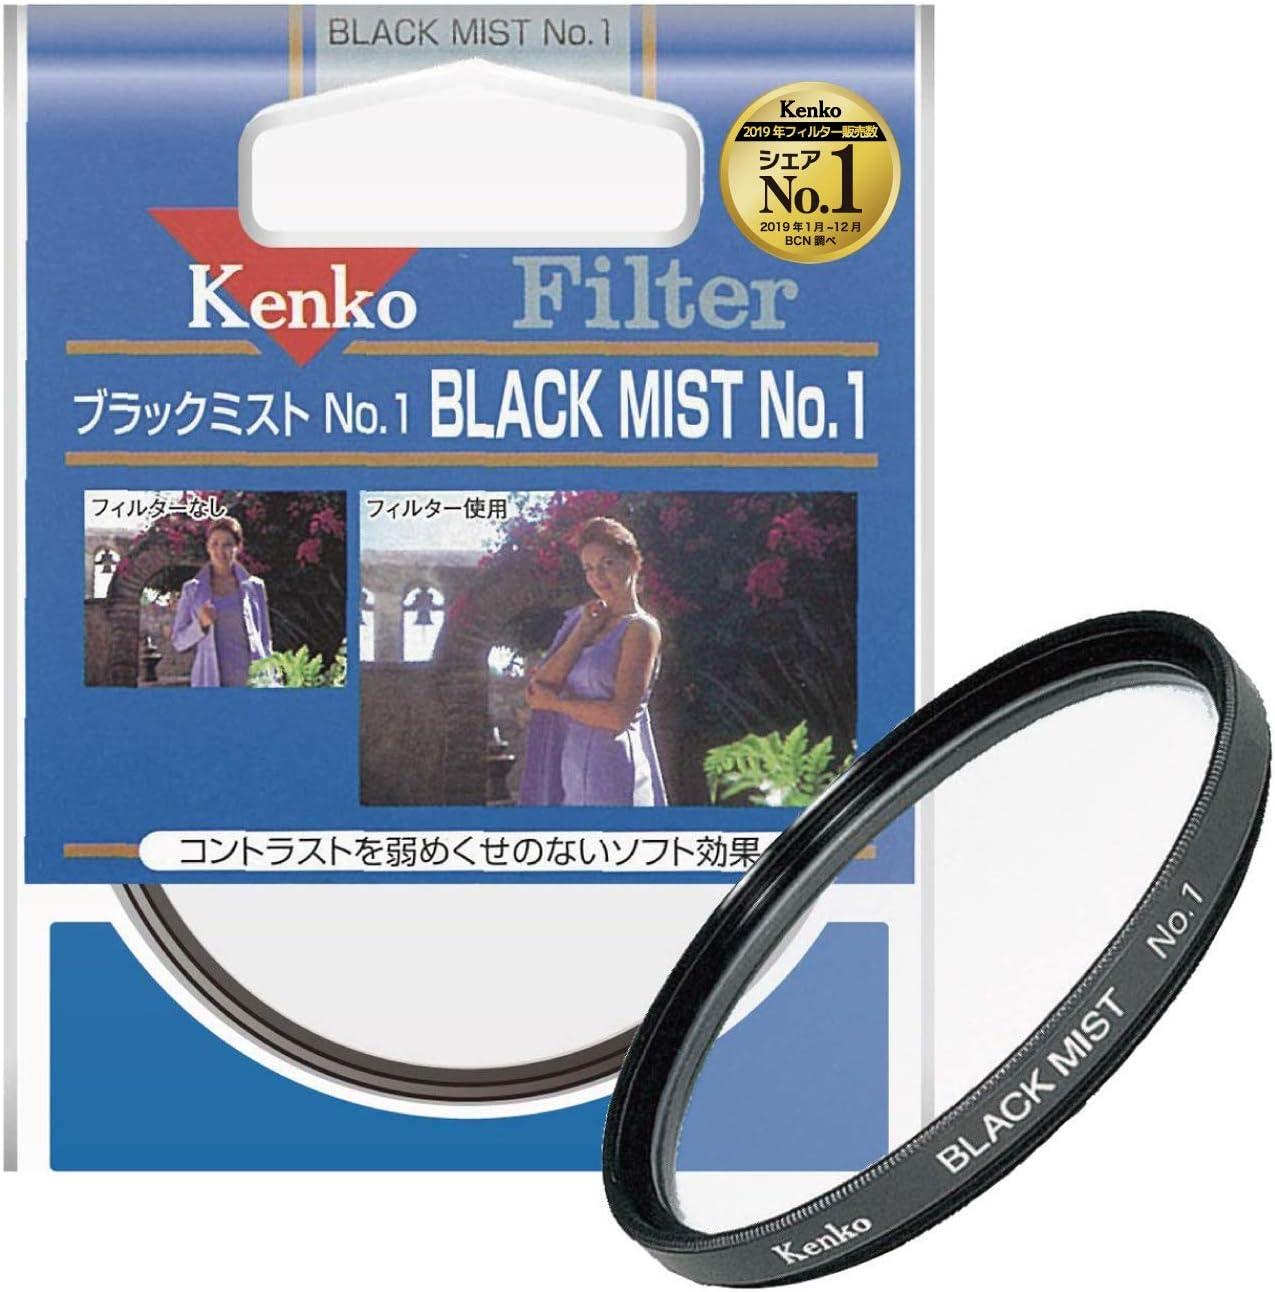 Kenko レンズフィルター ブラックミスト No.1